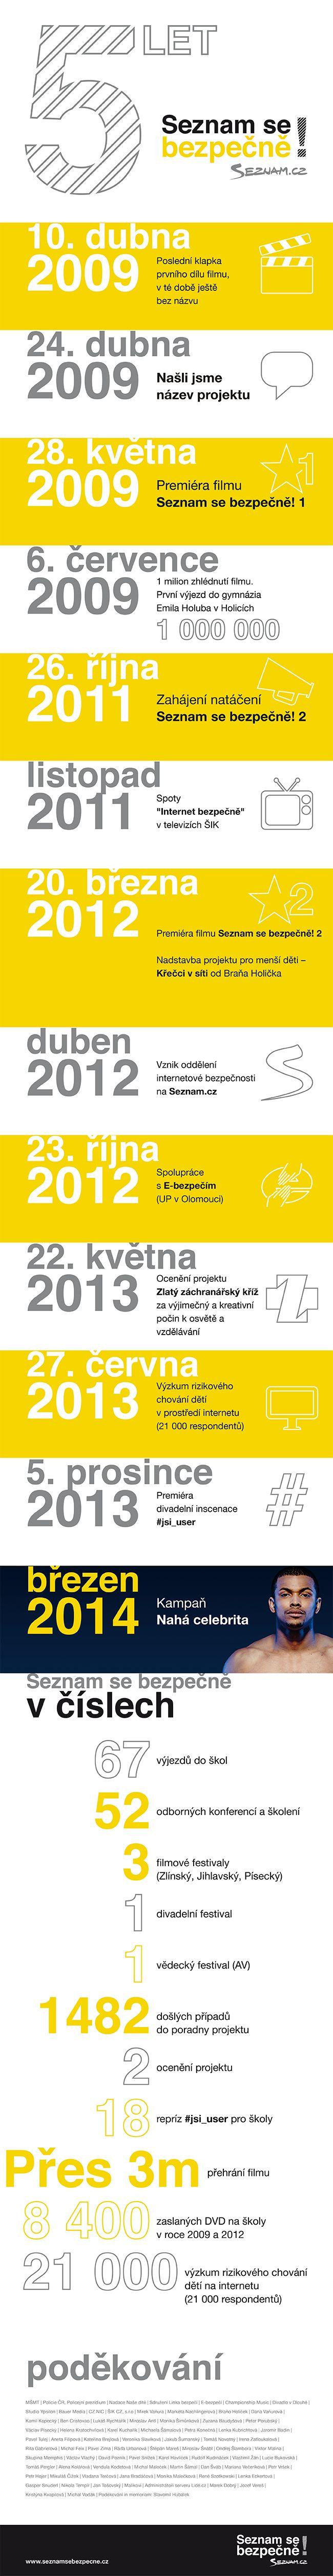 Projektu #seznamsebezpecne je právě 5 let. Podívejte se na čísla, která za ním stojí.